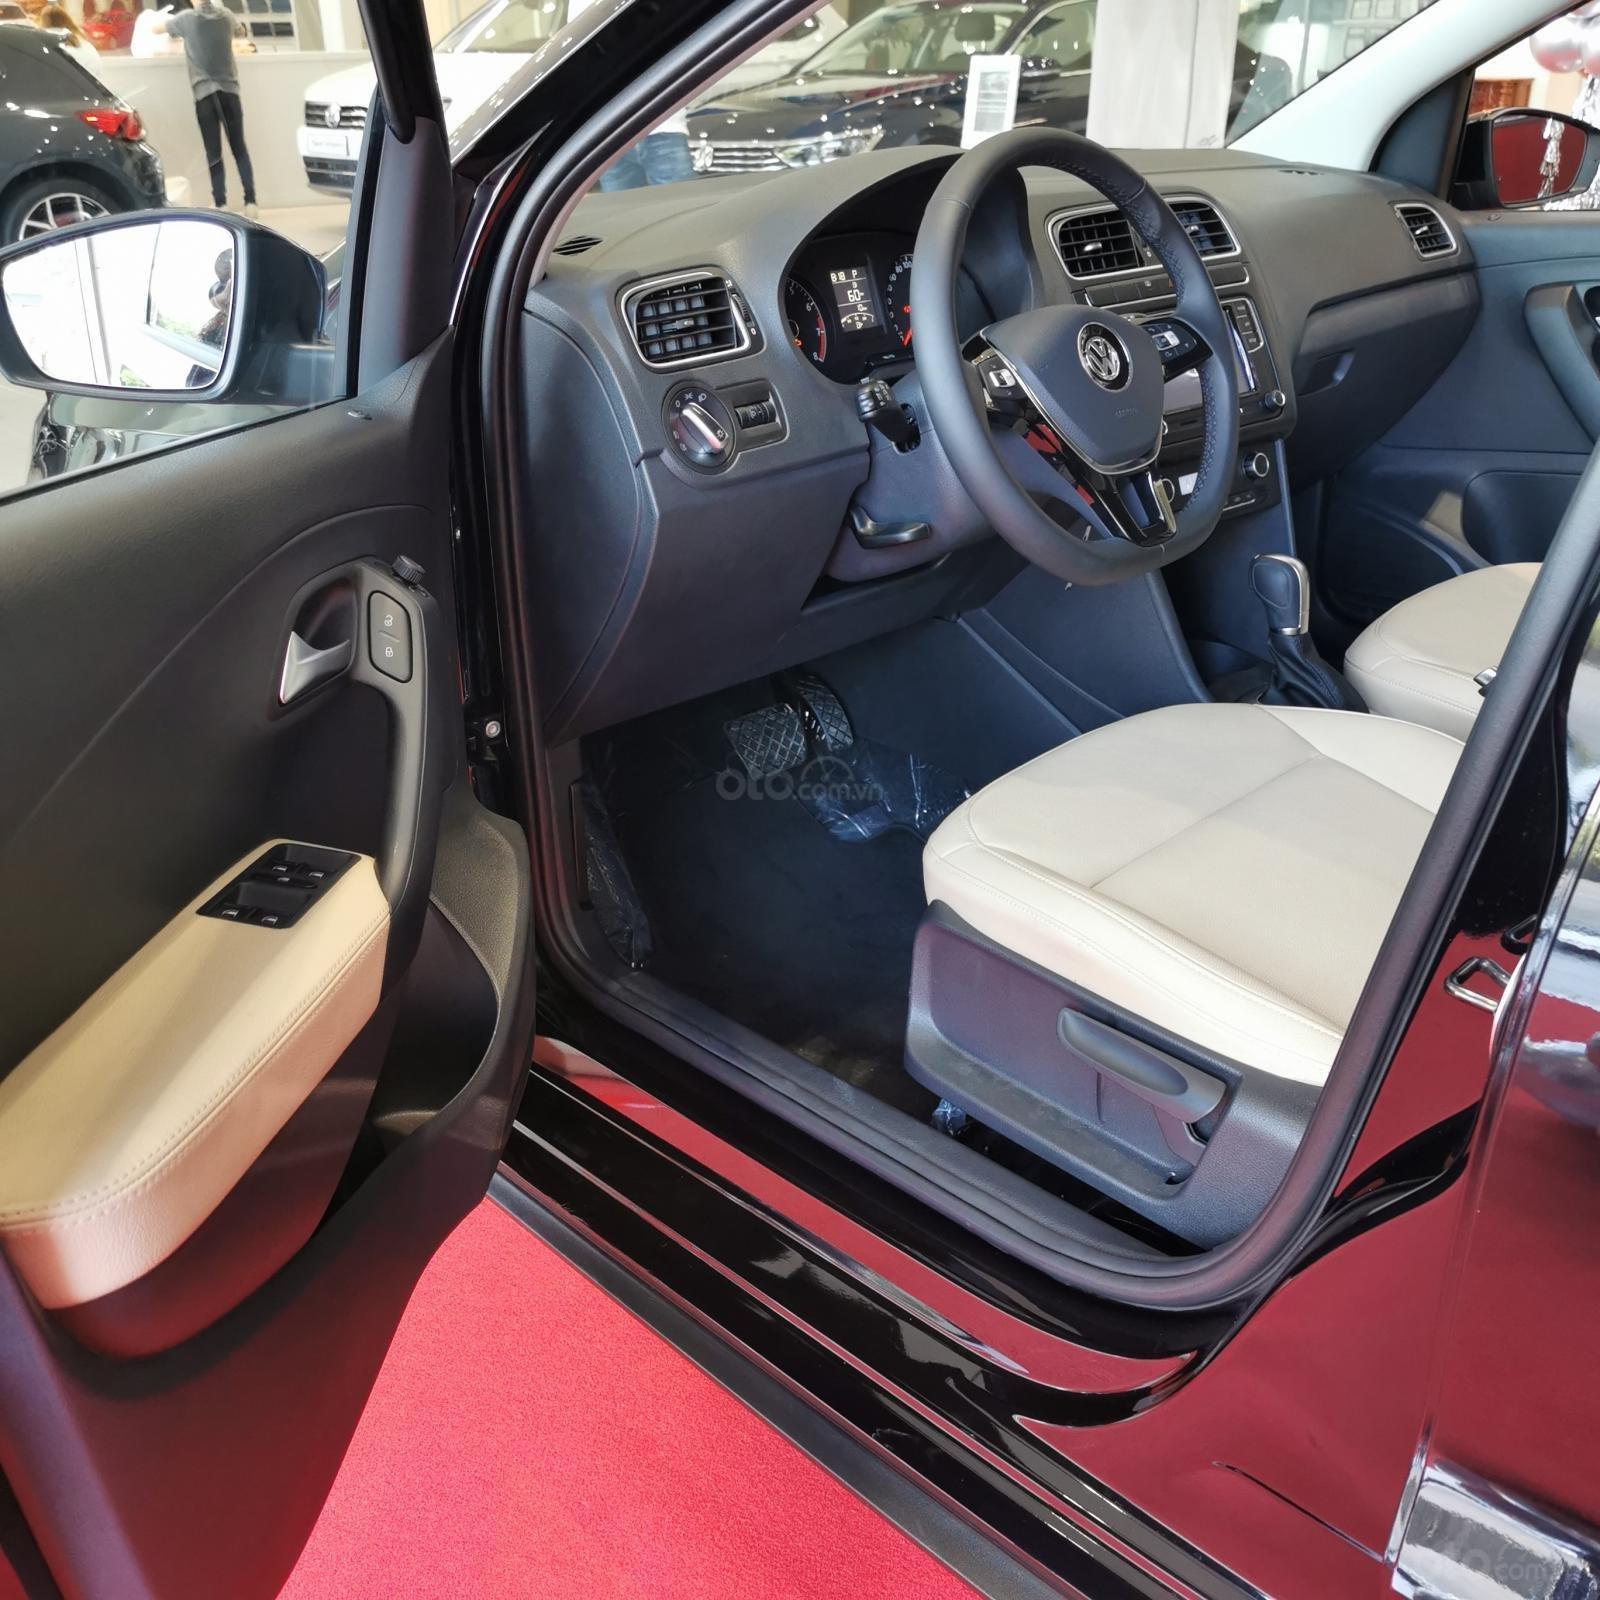 Volkswagen Polo Hatchback sản xuất 2020 màu đen - Khuyến mãi tháng 10 giảm ngay 11 triệu và quà tặng (8)